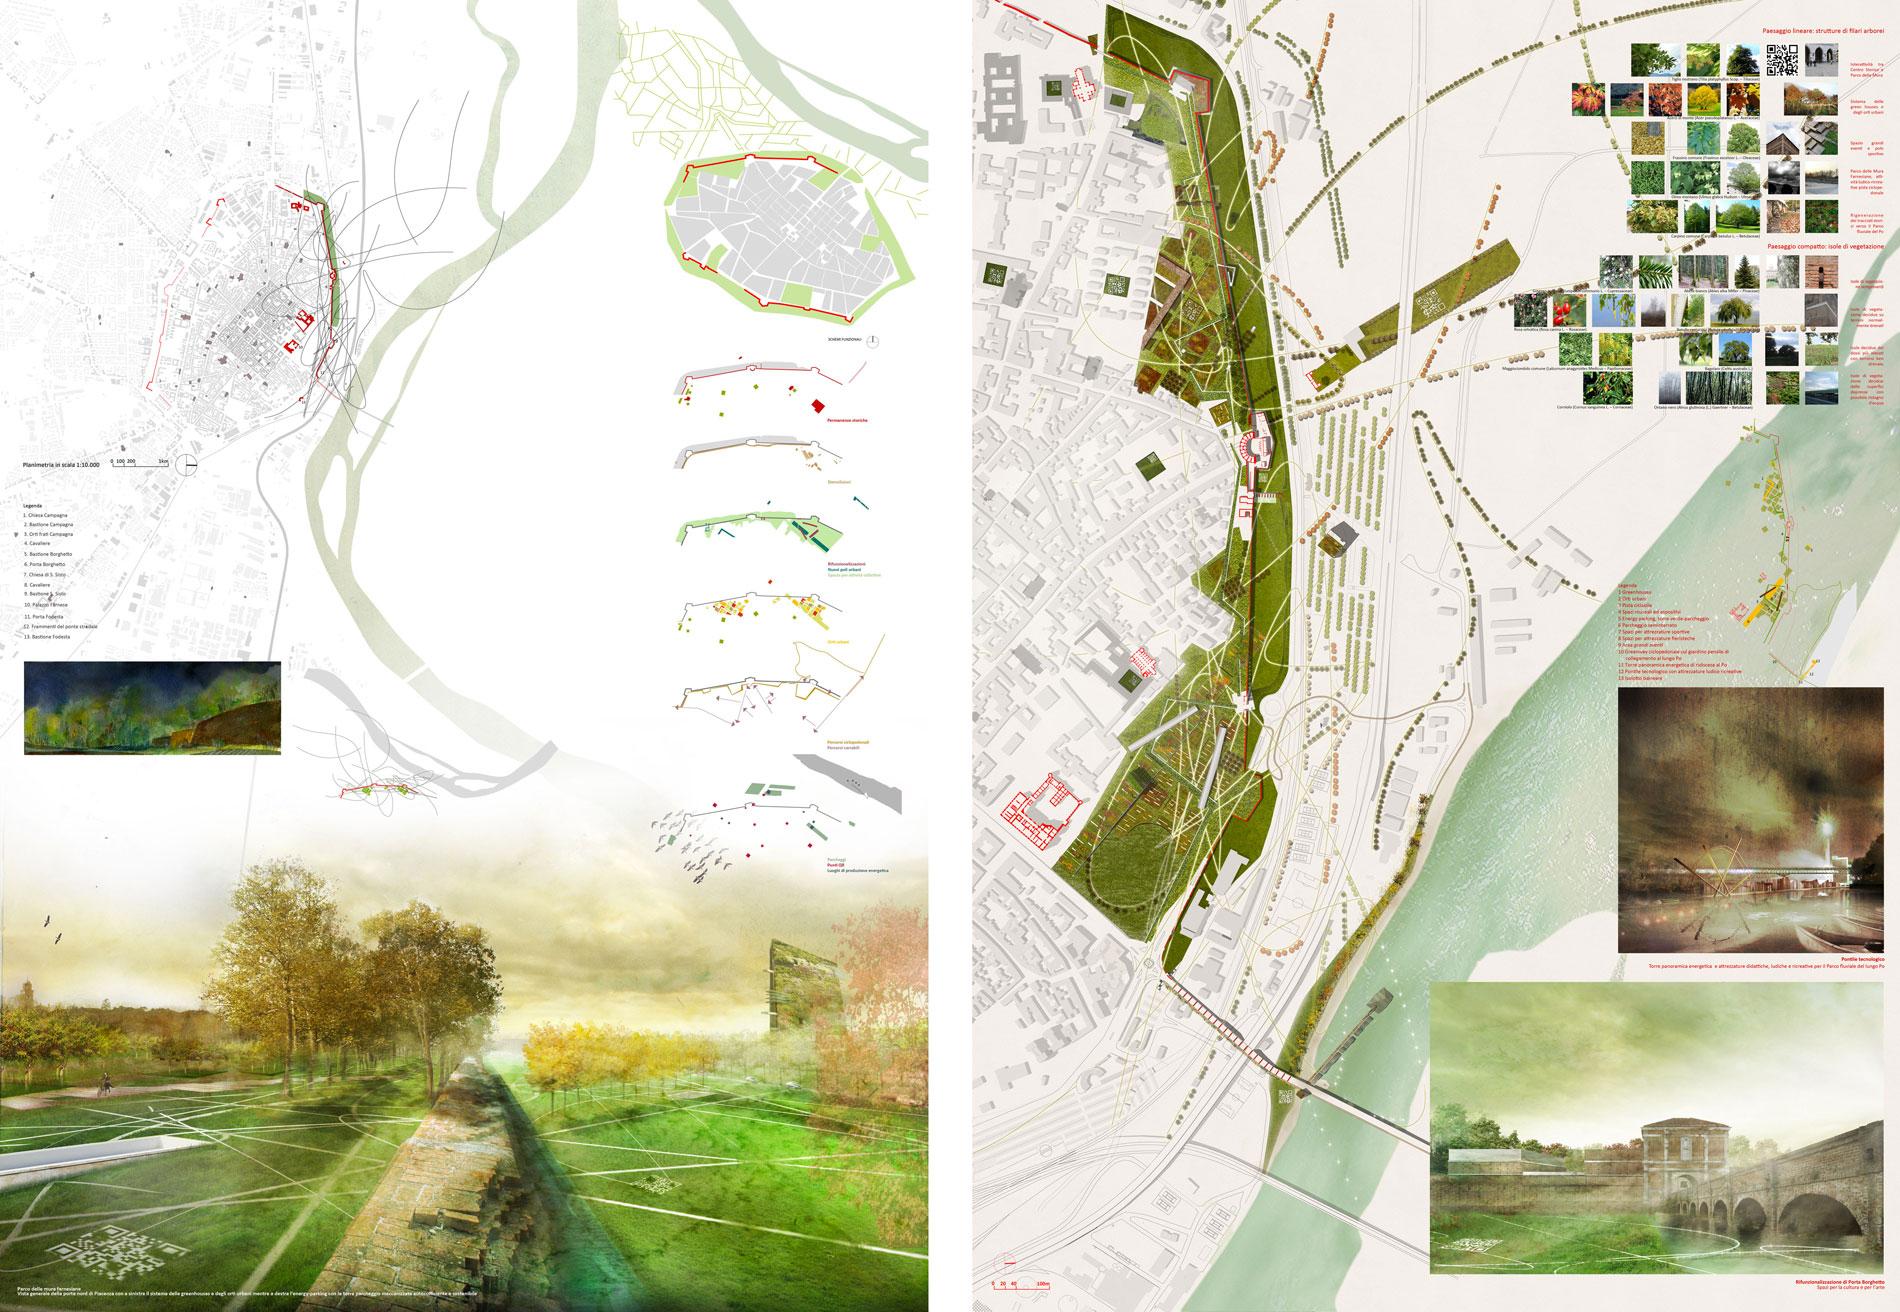 Ac q uater r a code valorizzazione del parco delle mura - Tavole di concorso architettura ...